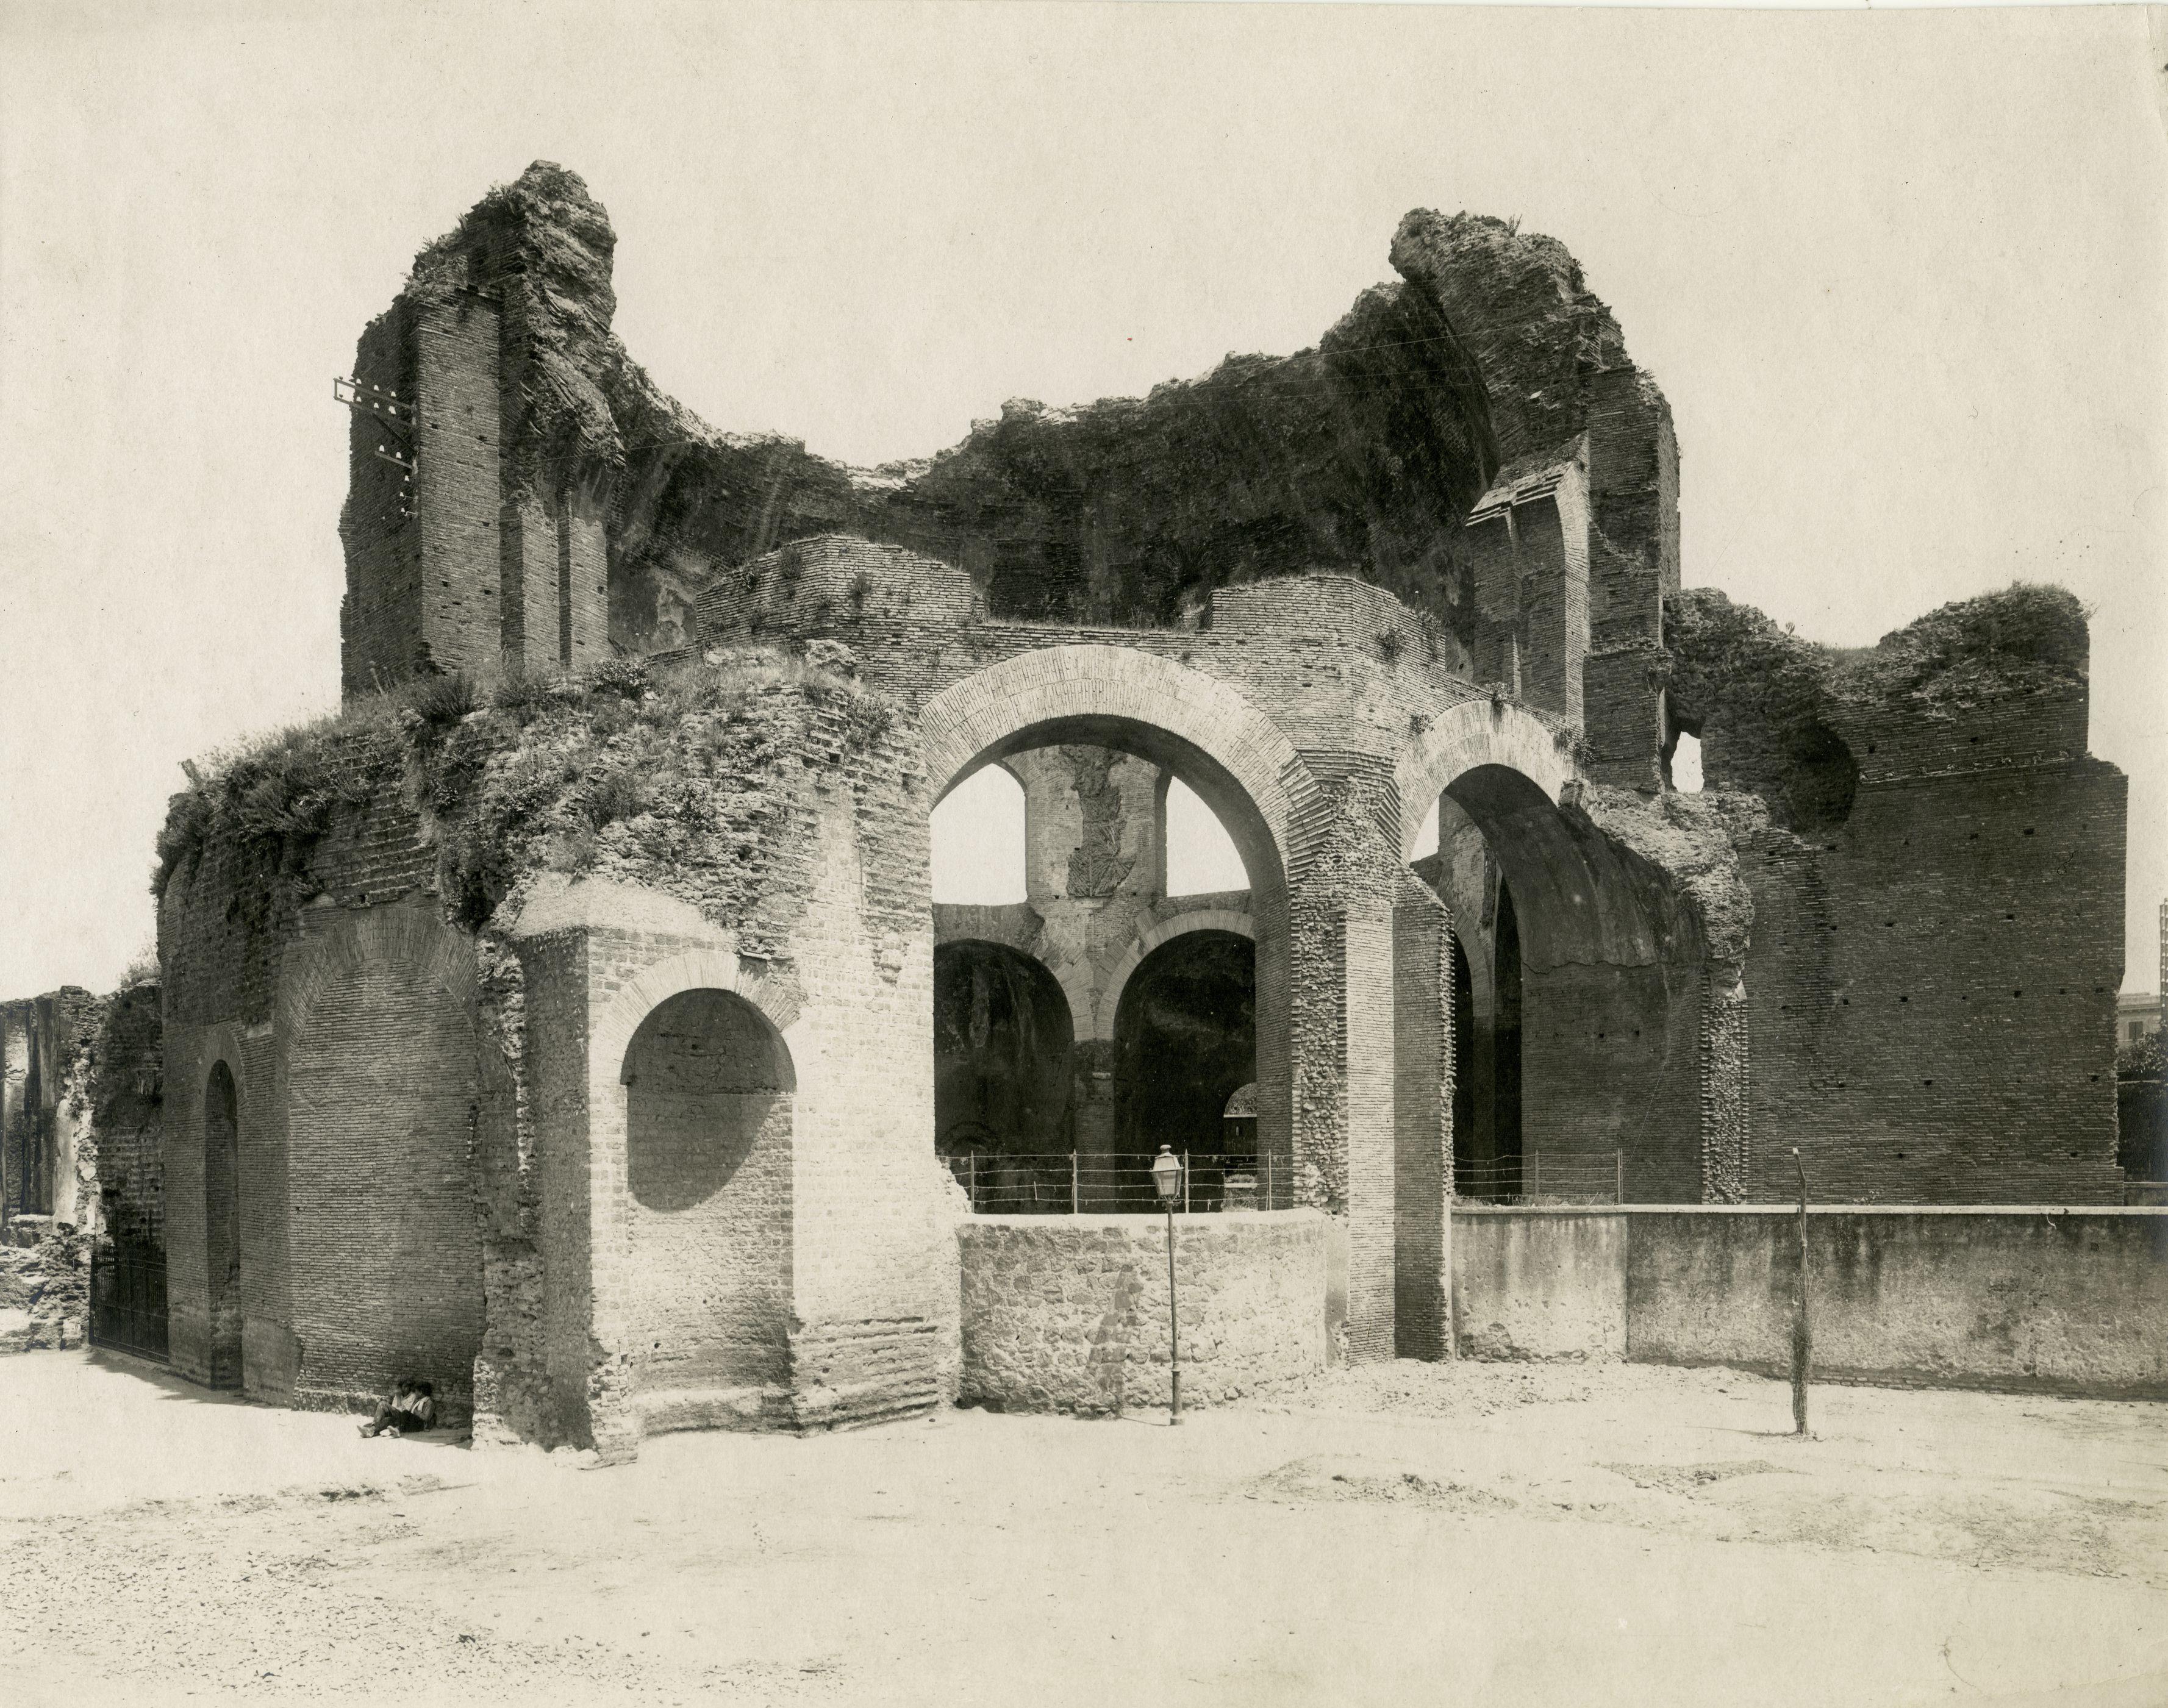 Temple of Minerva Medica (nymphaeum), Rome, Italy, photograph from Istituto Italiano dArti Grafiche, 1905-1908